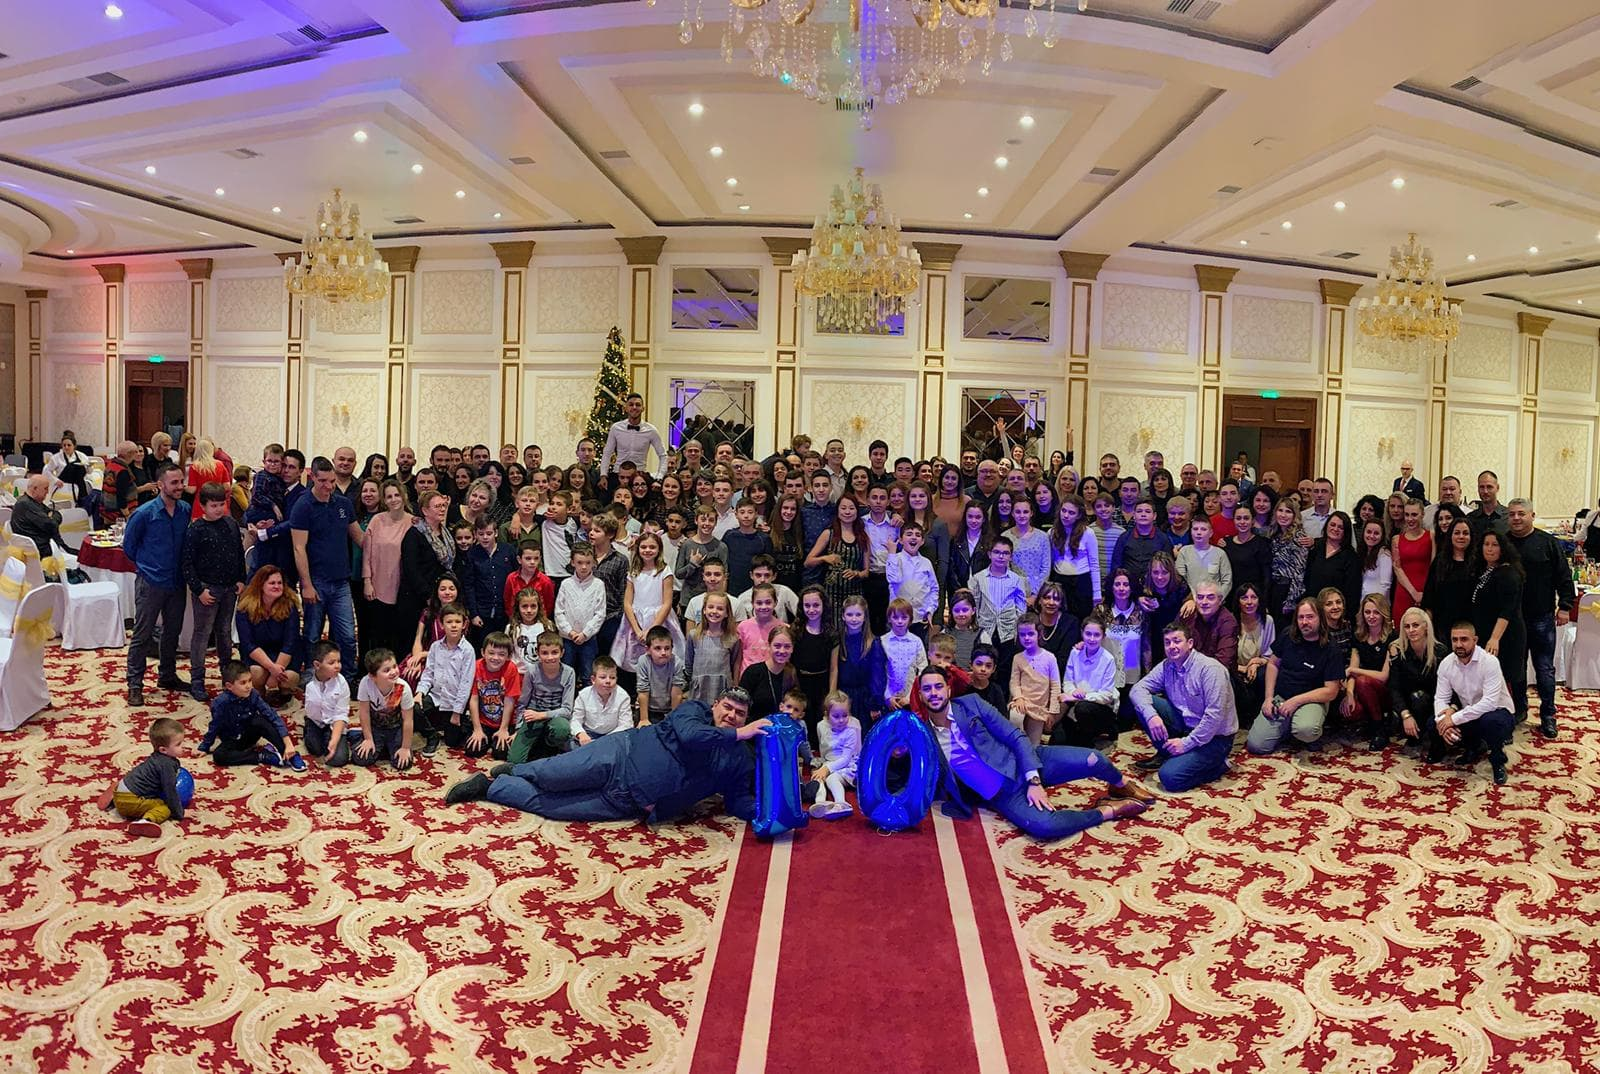 С пищно парти Херея отбеляза годишнина на клуба (СНИМКА)